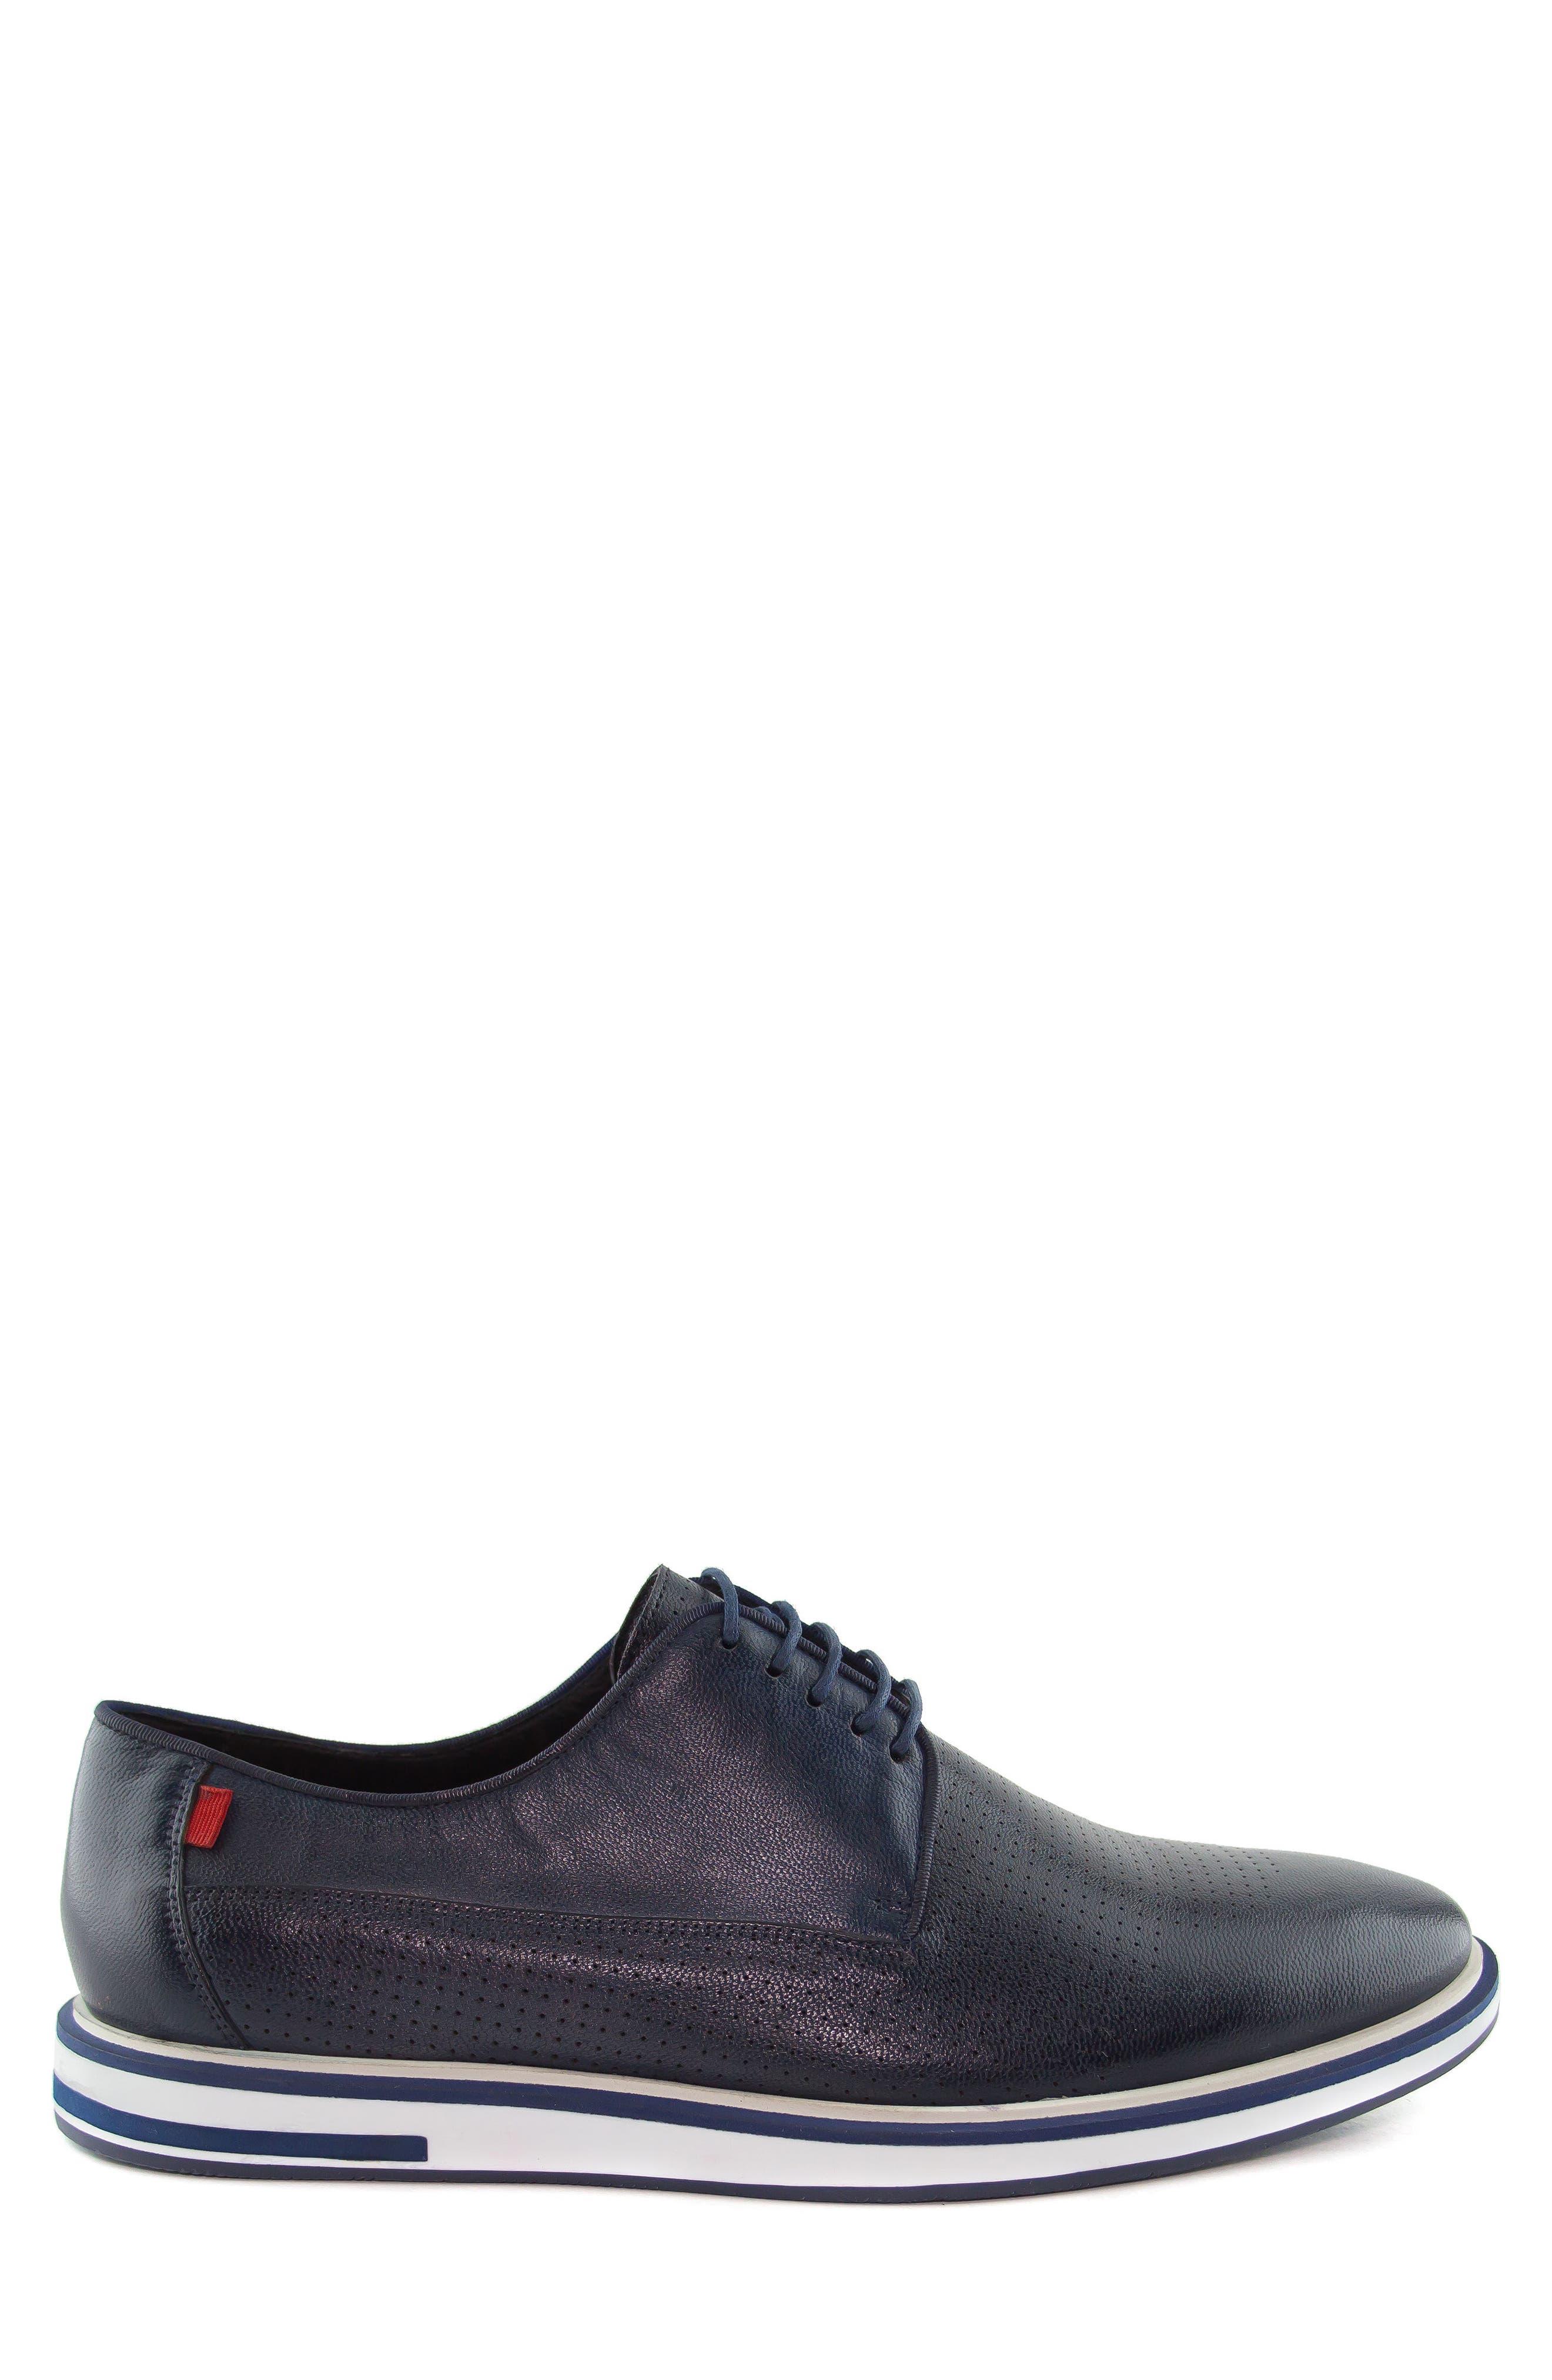 Manhattan Sneaker,                             Alternate thumbnail 3, color,                             Navy